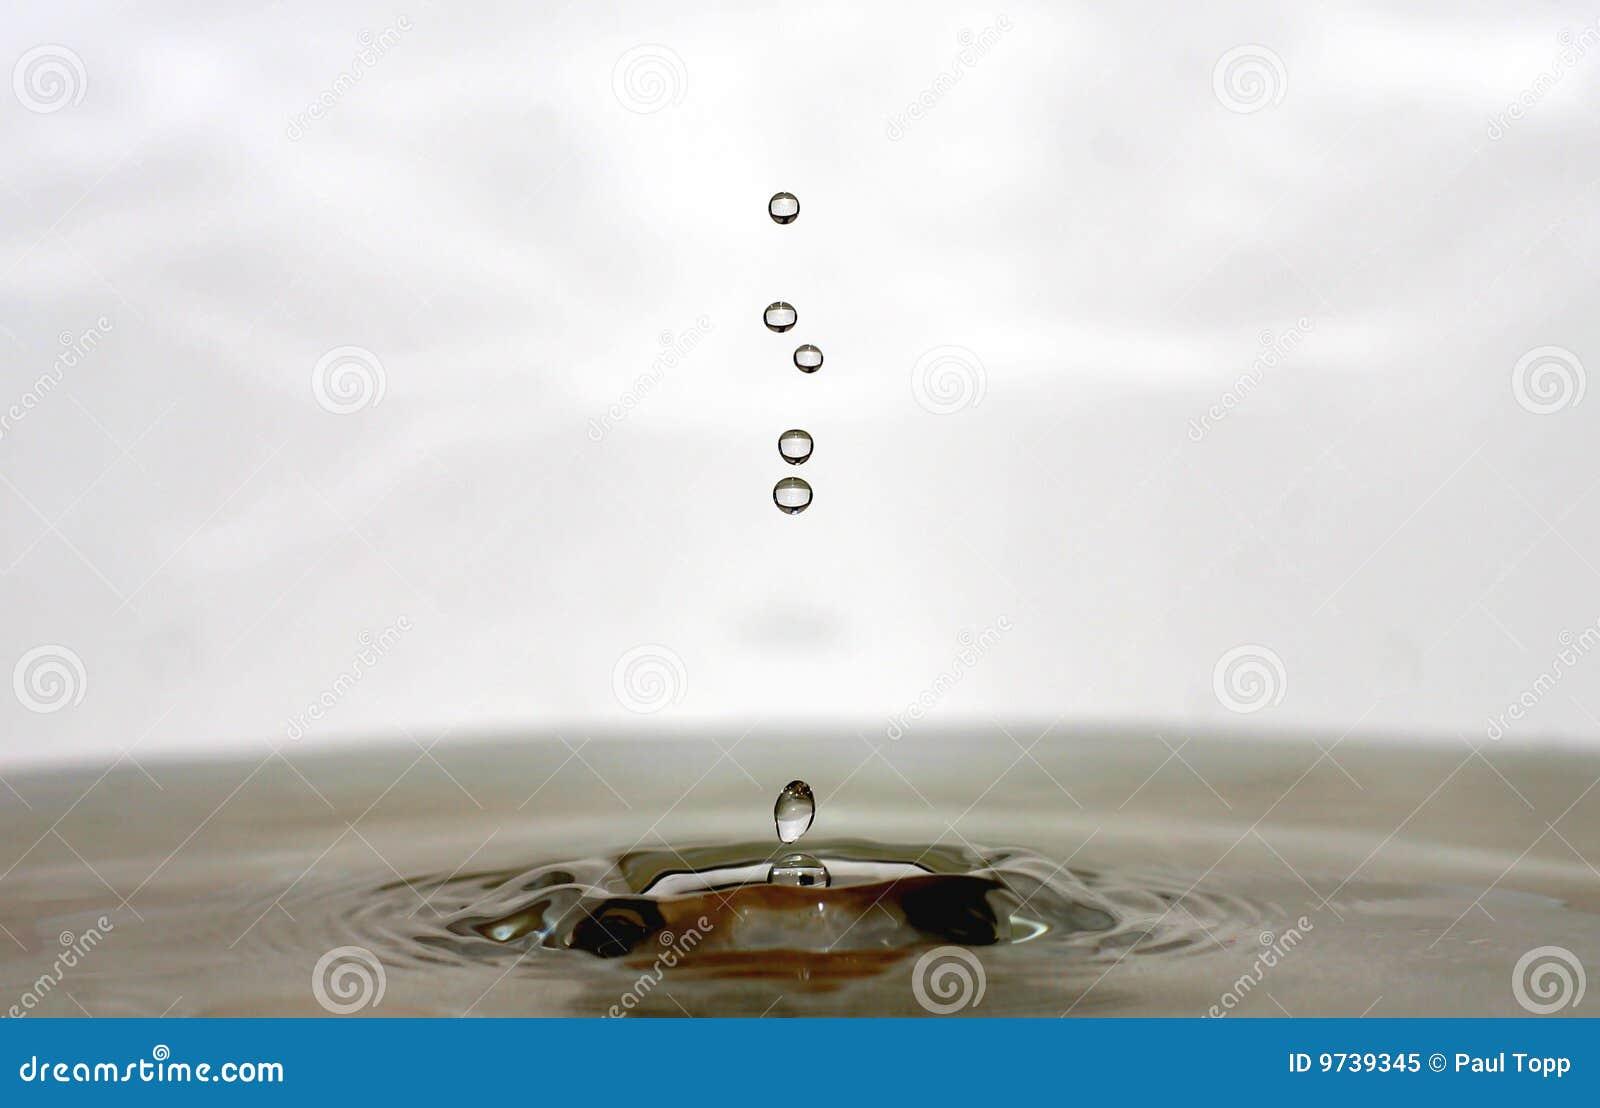 滴水丢弃水